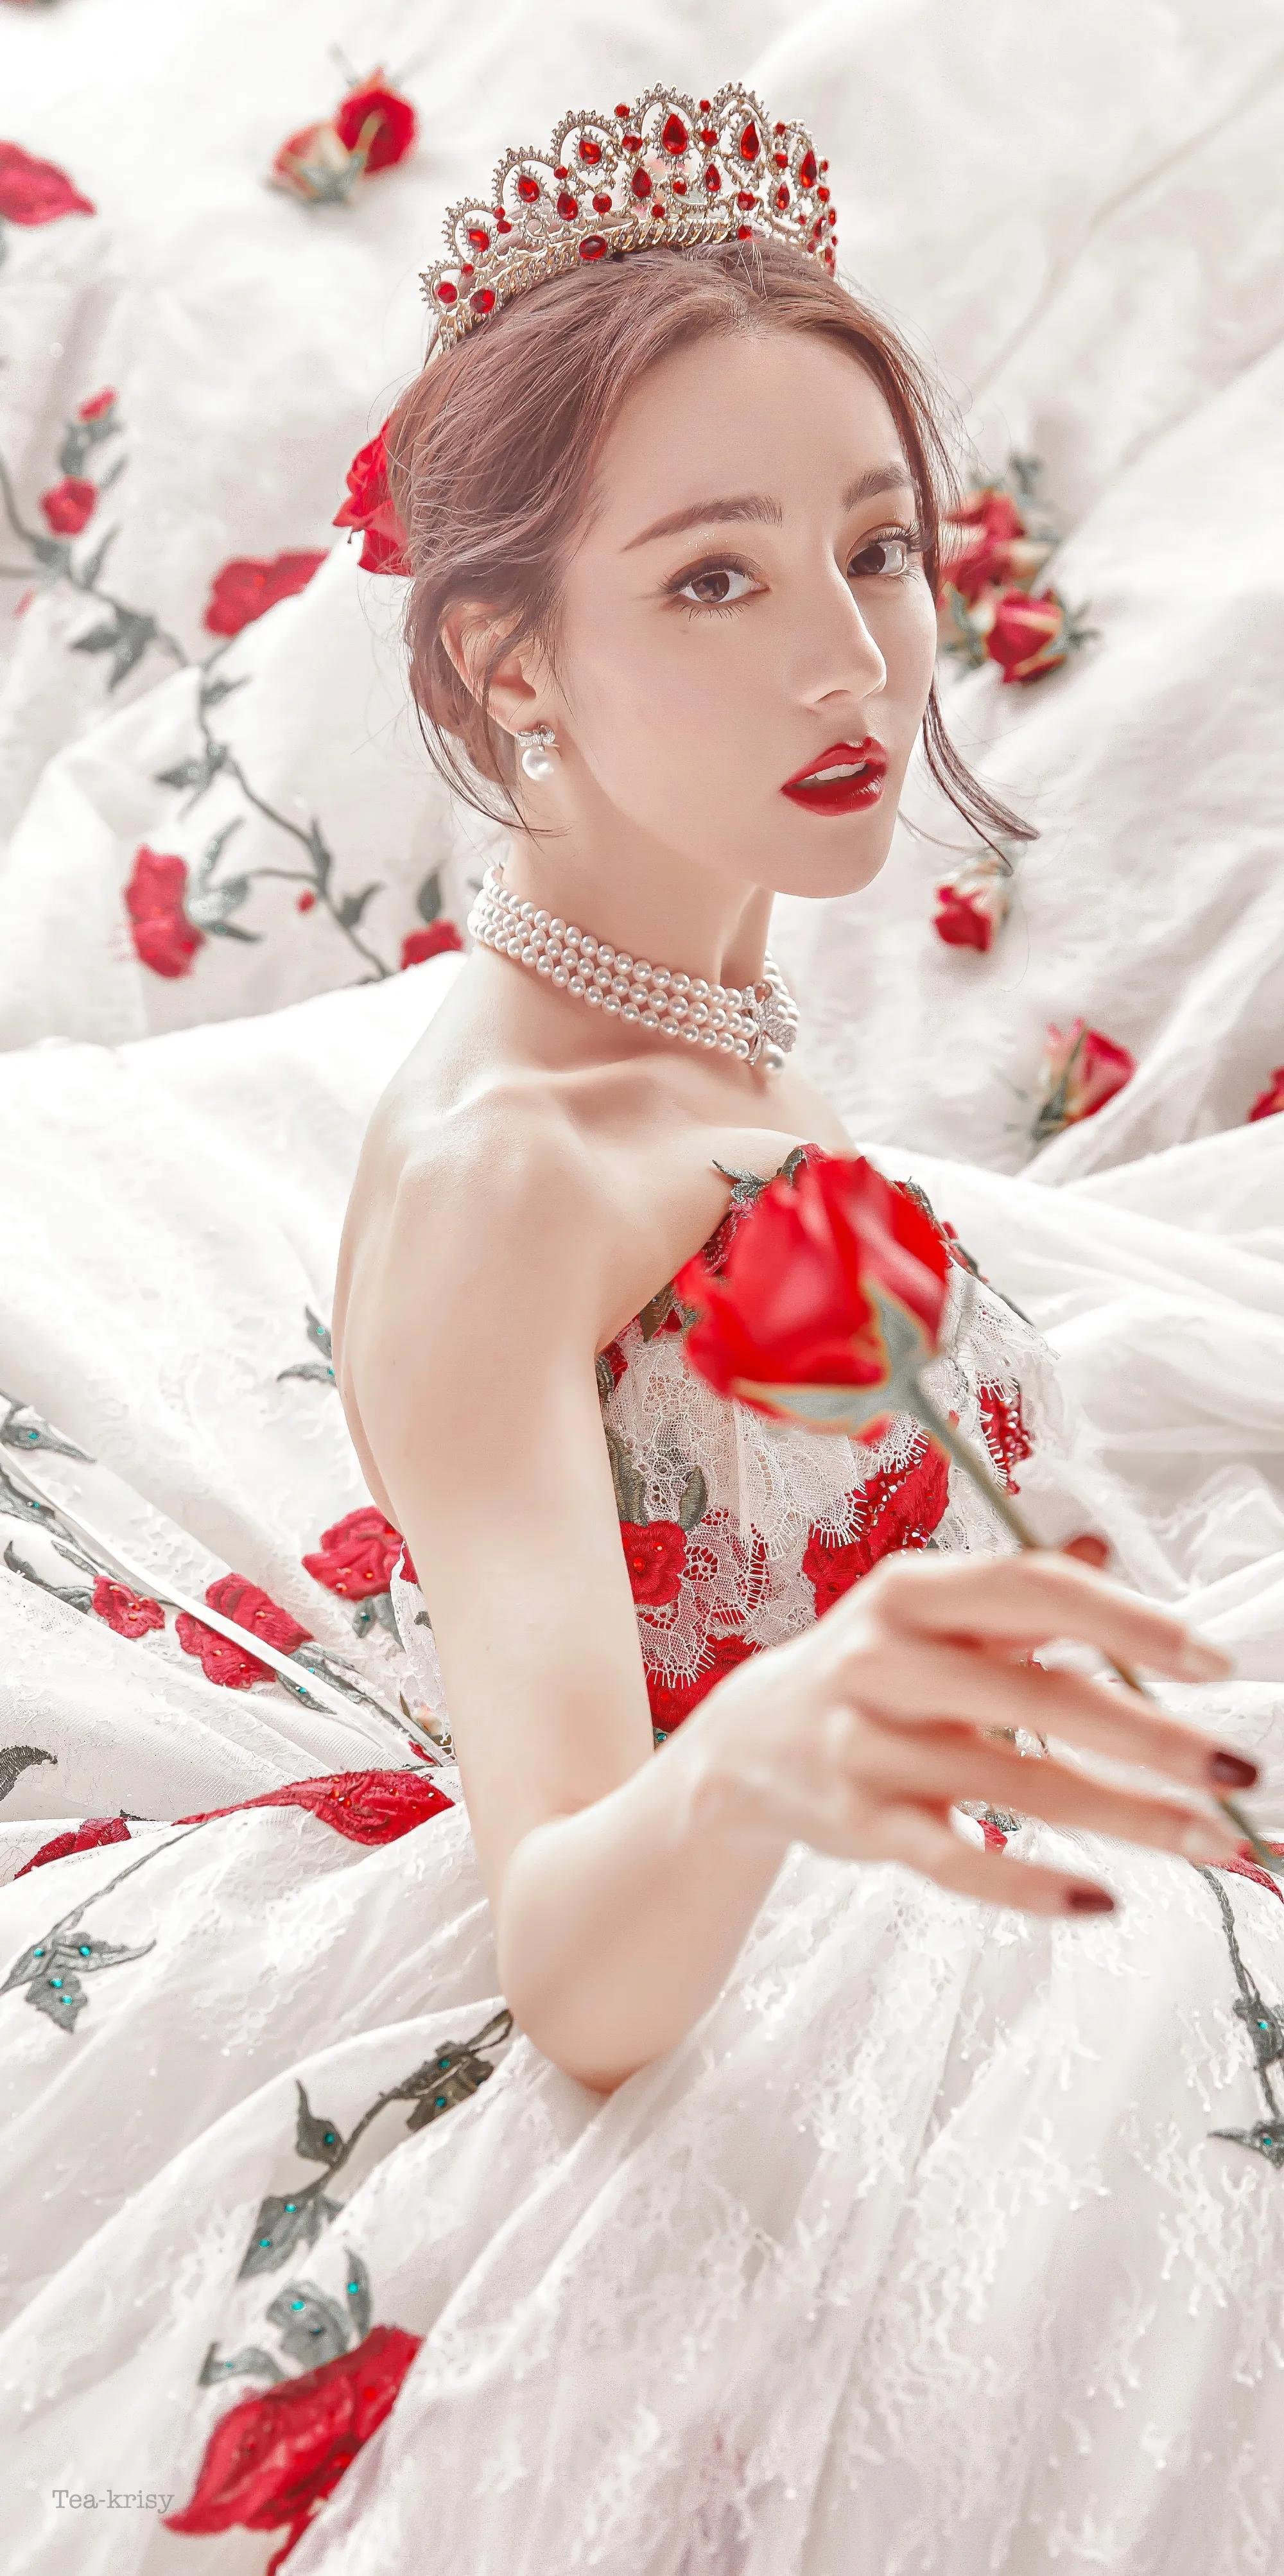 迪丽热巴的美貌绝了